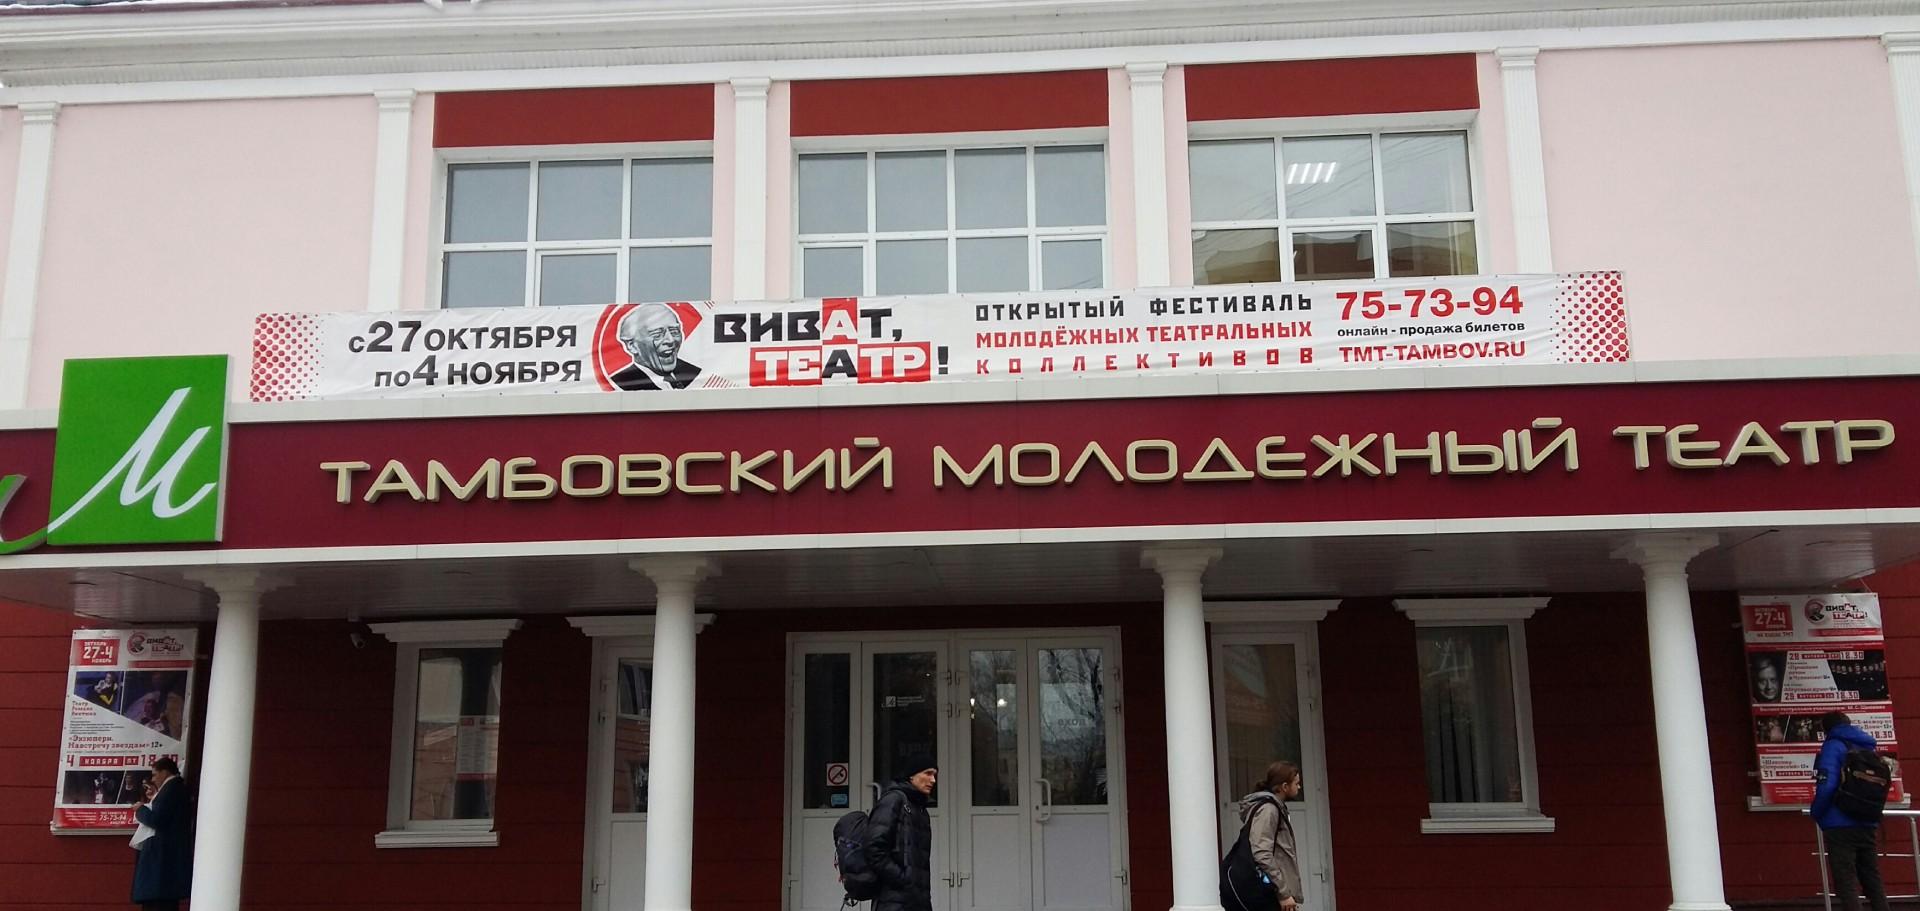 Тамбовский молодежный театр